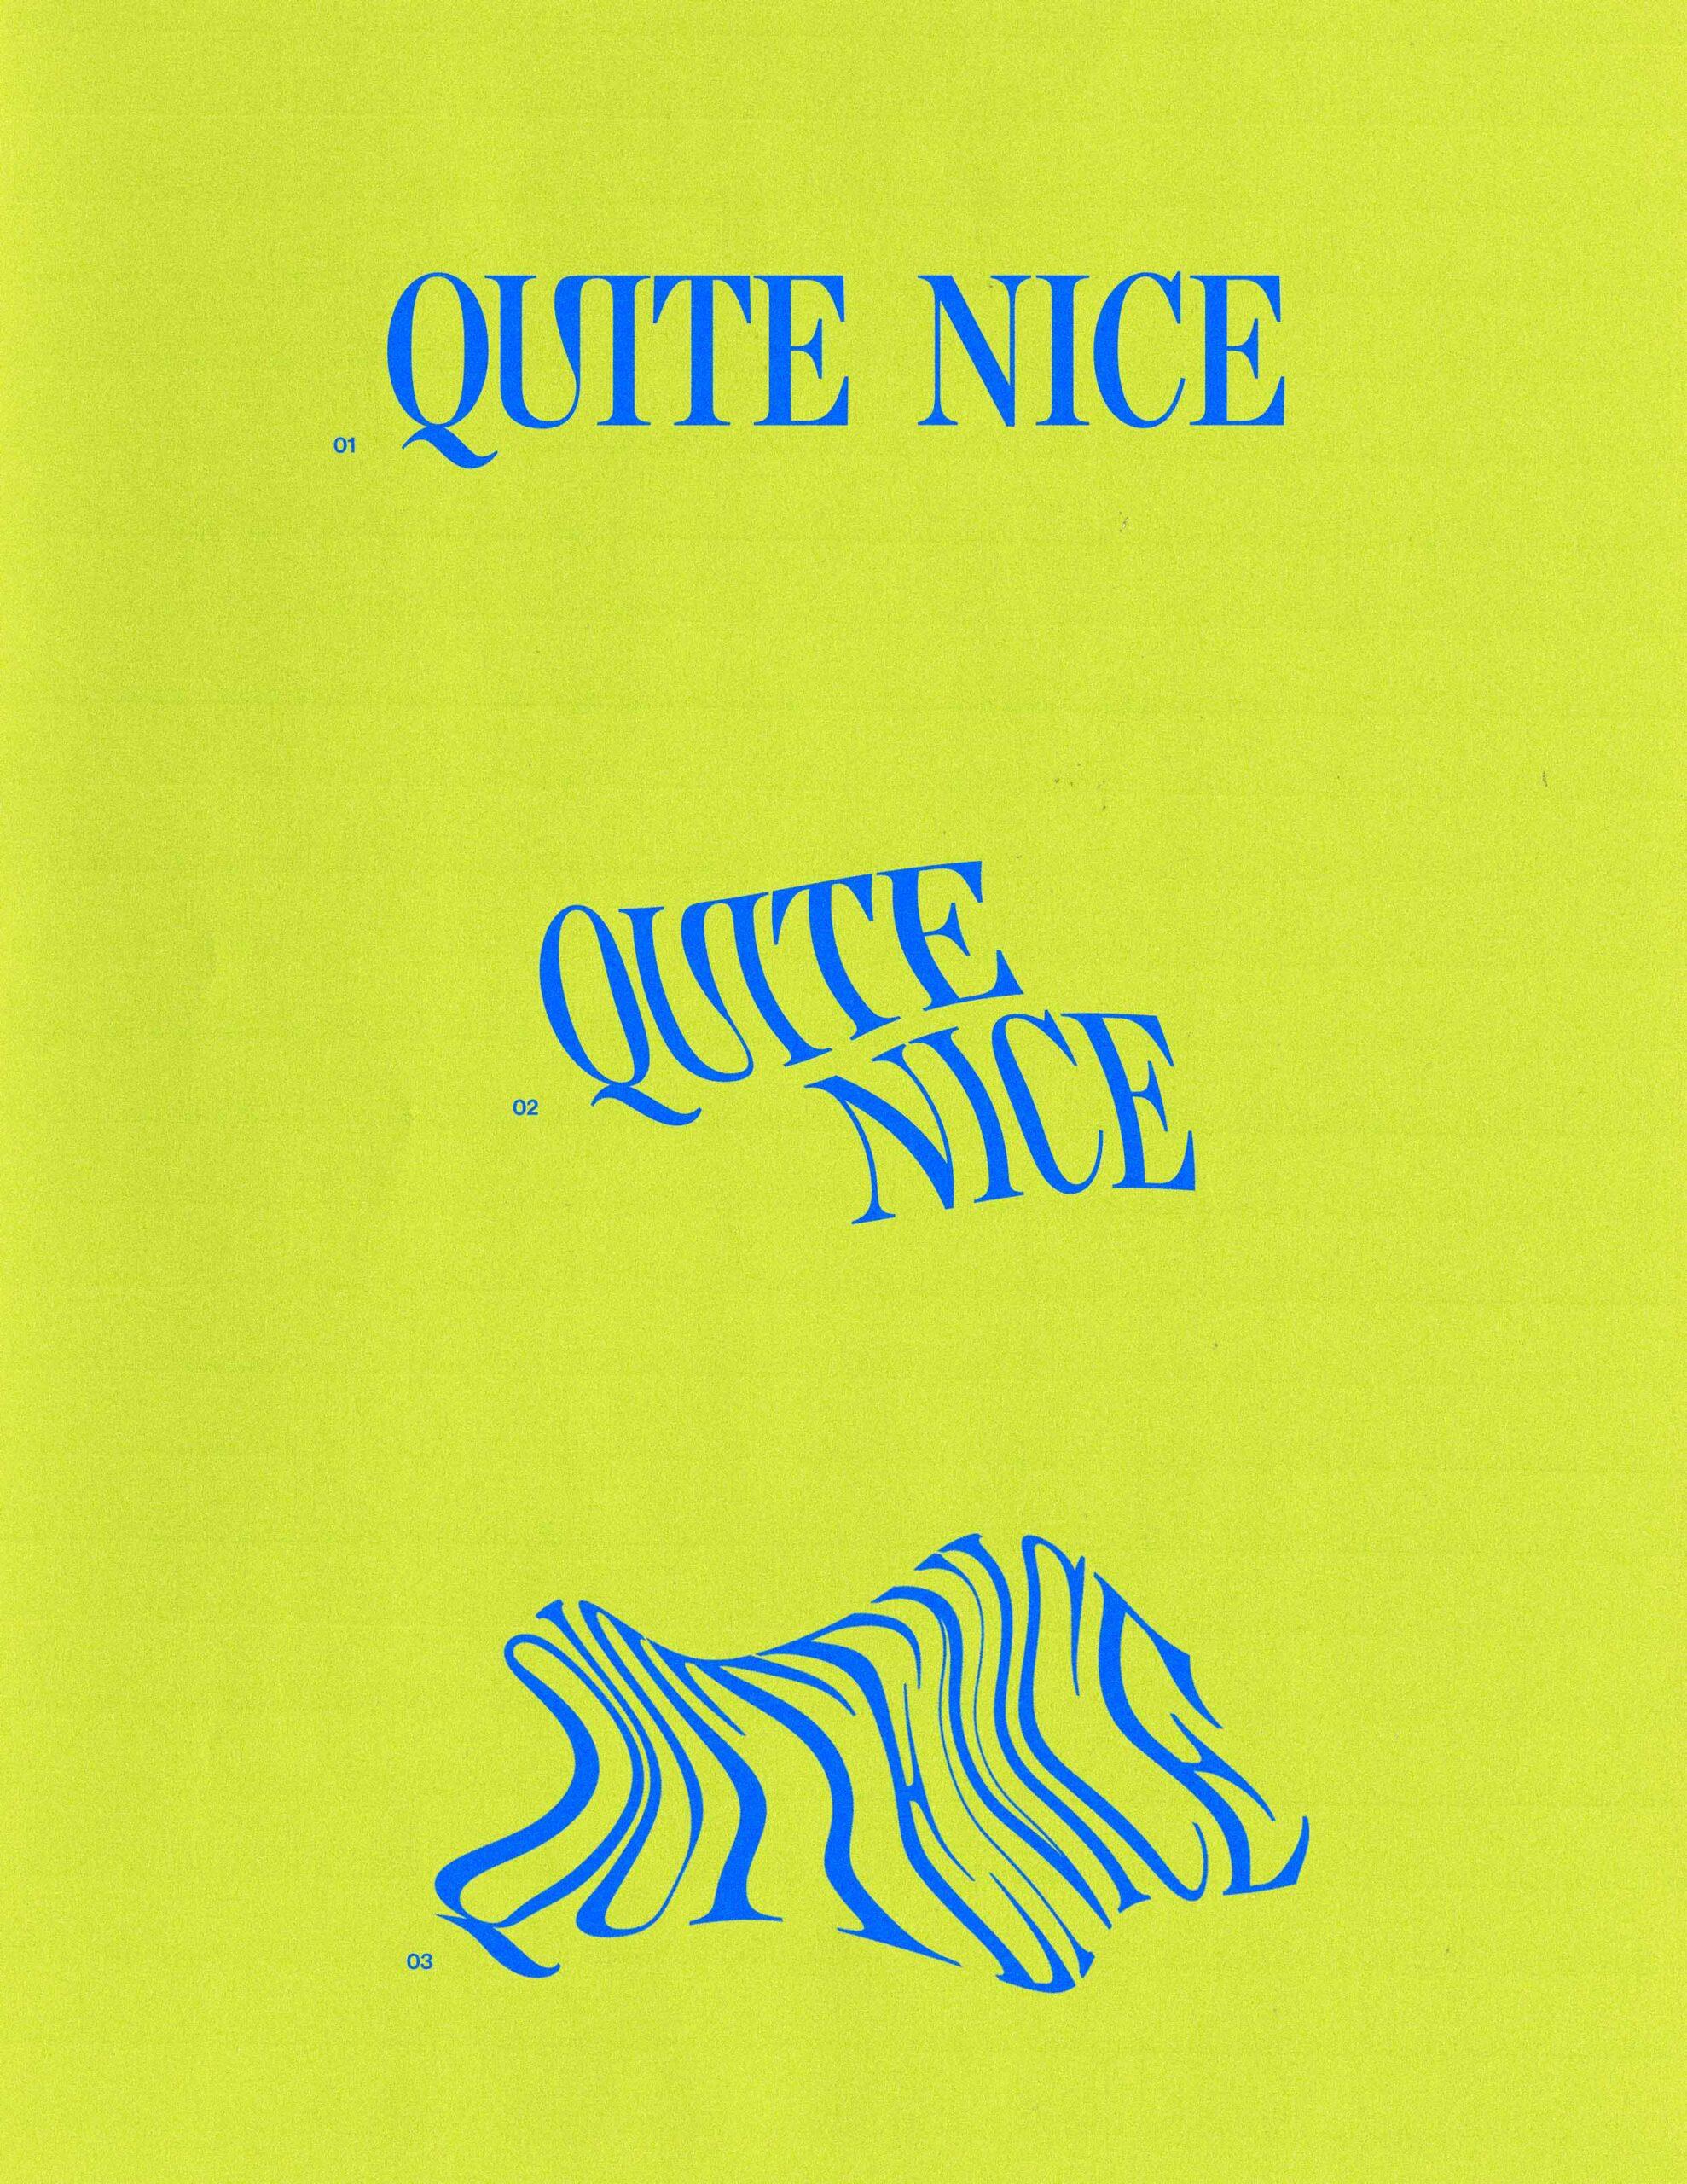 01-Quite-Nice-logos02